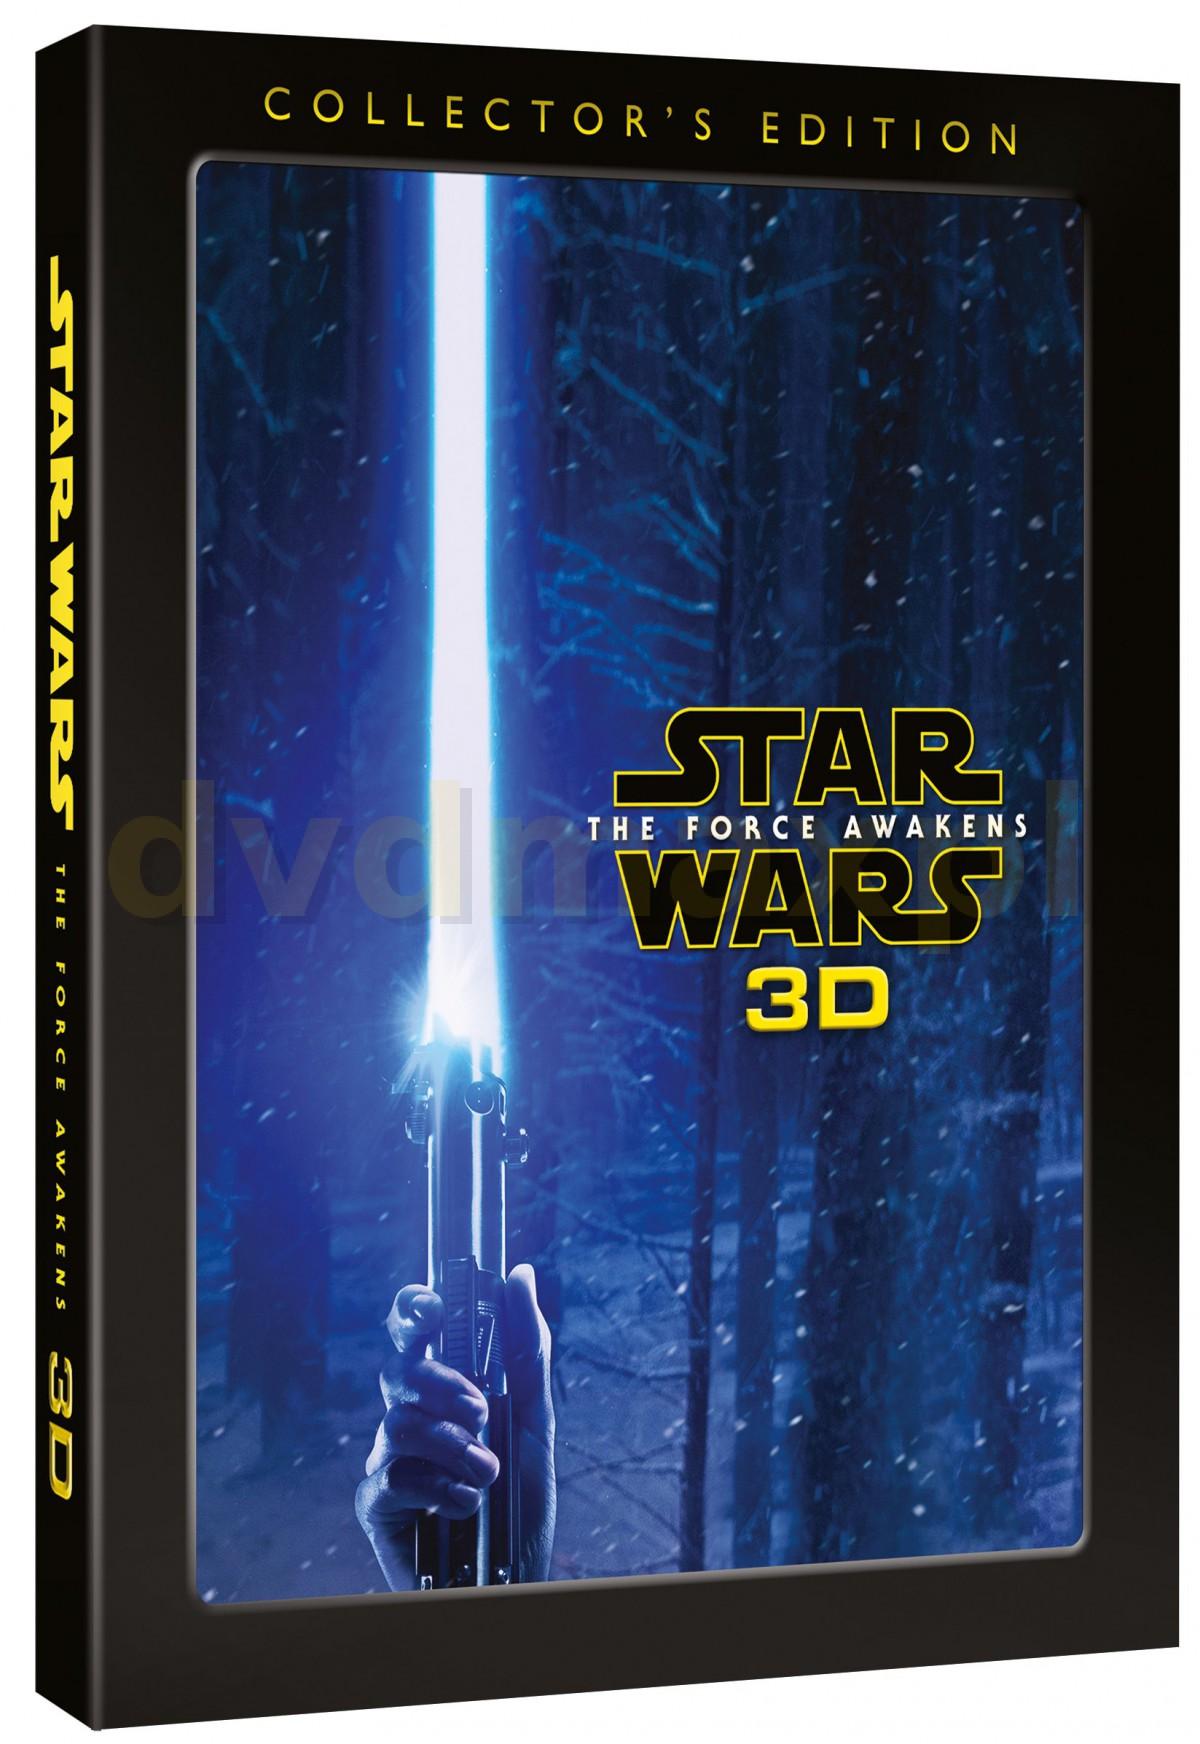 Star Wars The Force Awakens 3D (Gwiezdne wojny: Przebudzenie mocy) (Limited) [Blu-Ray 3D]+[2xBlu-Ray]